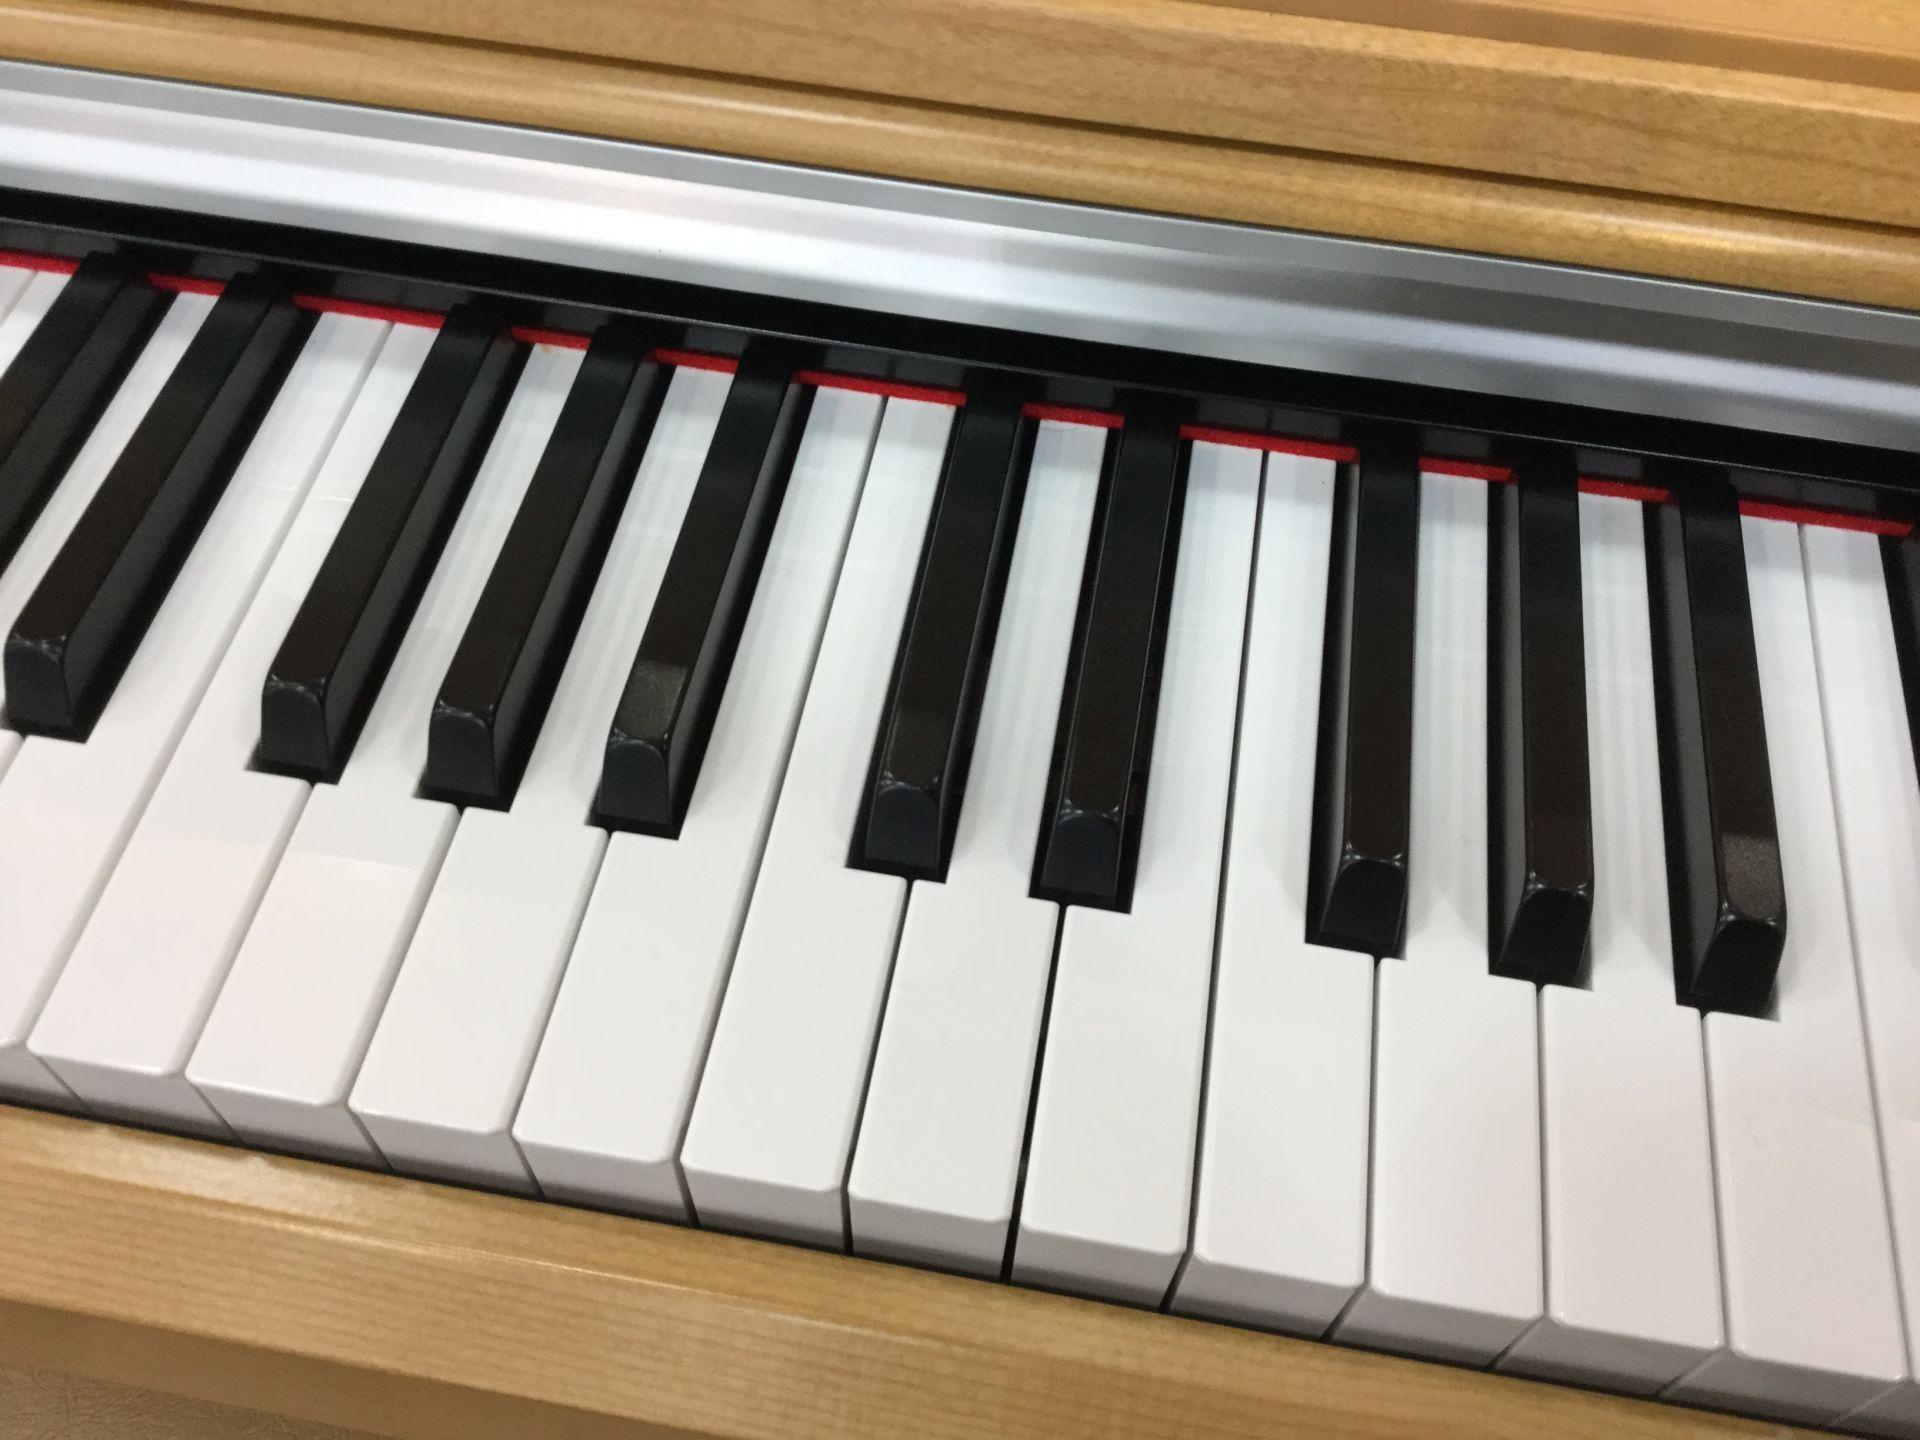 中古電子ピアノ 利府 島村楽器